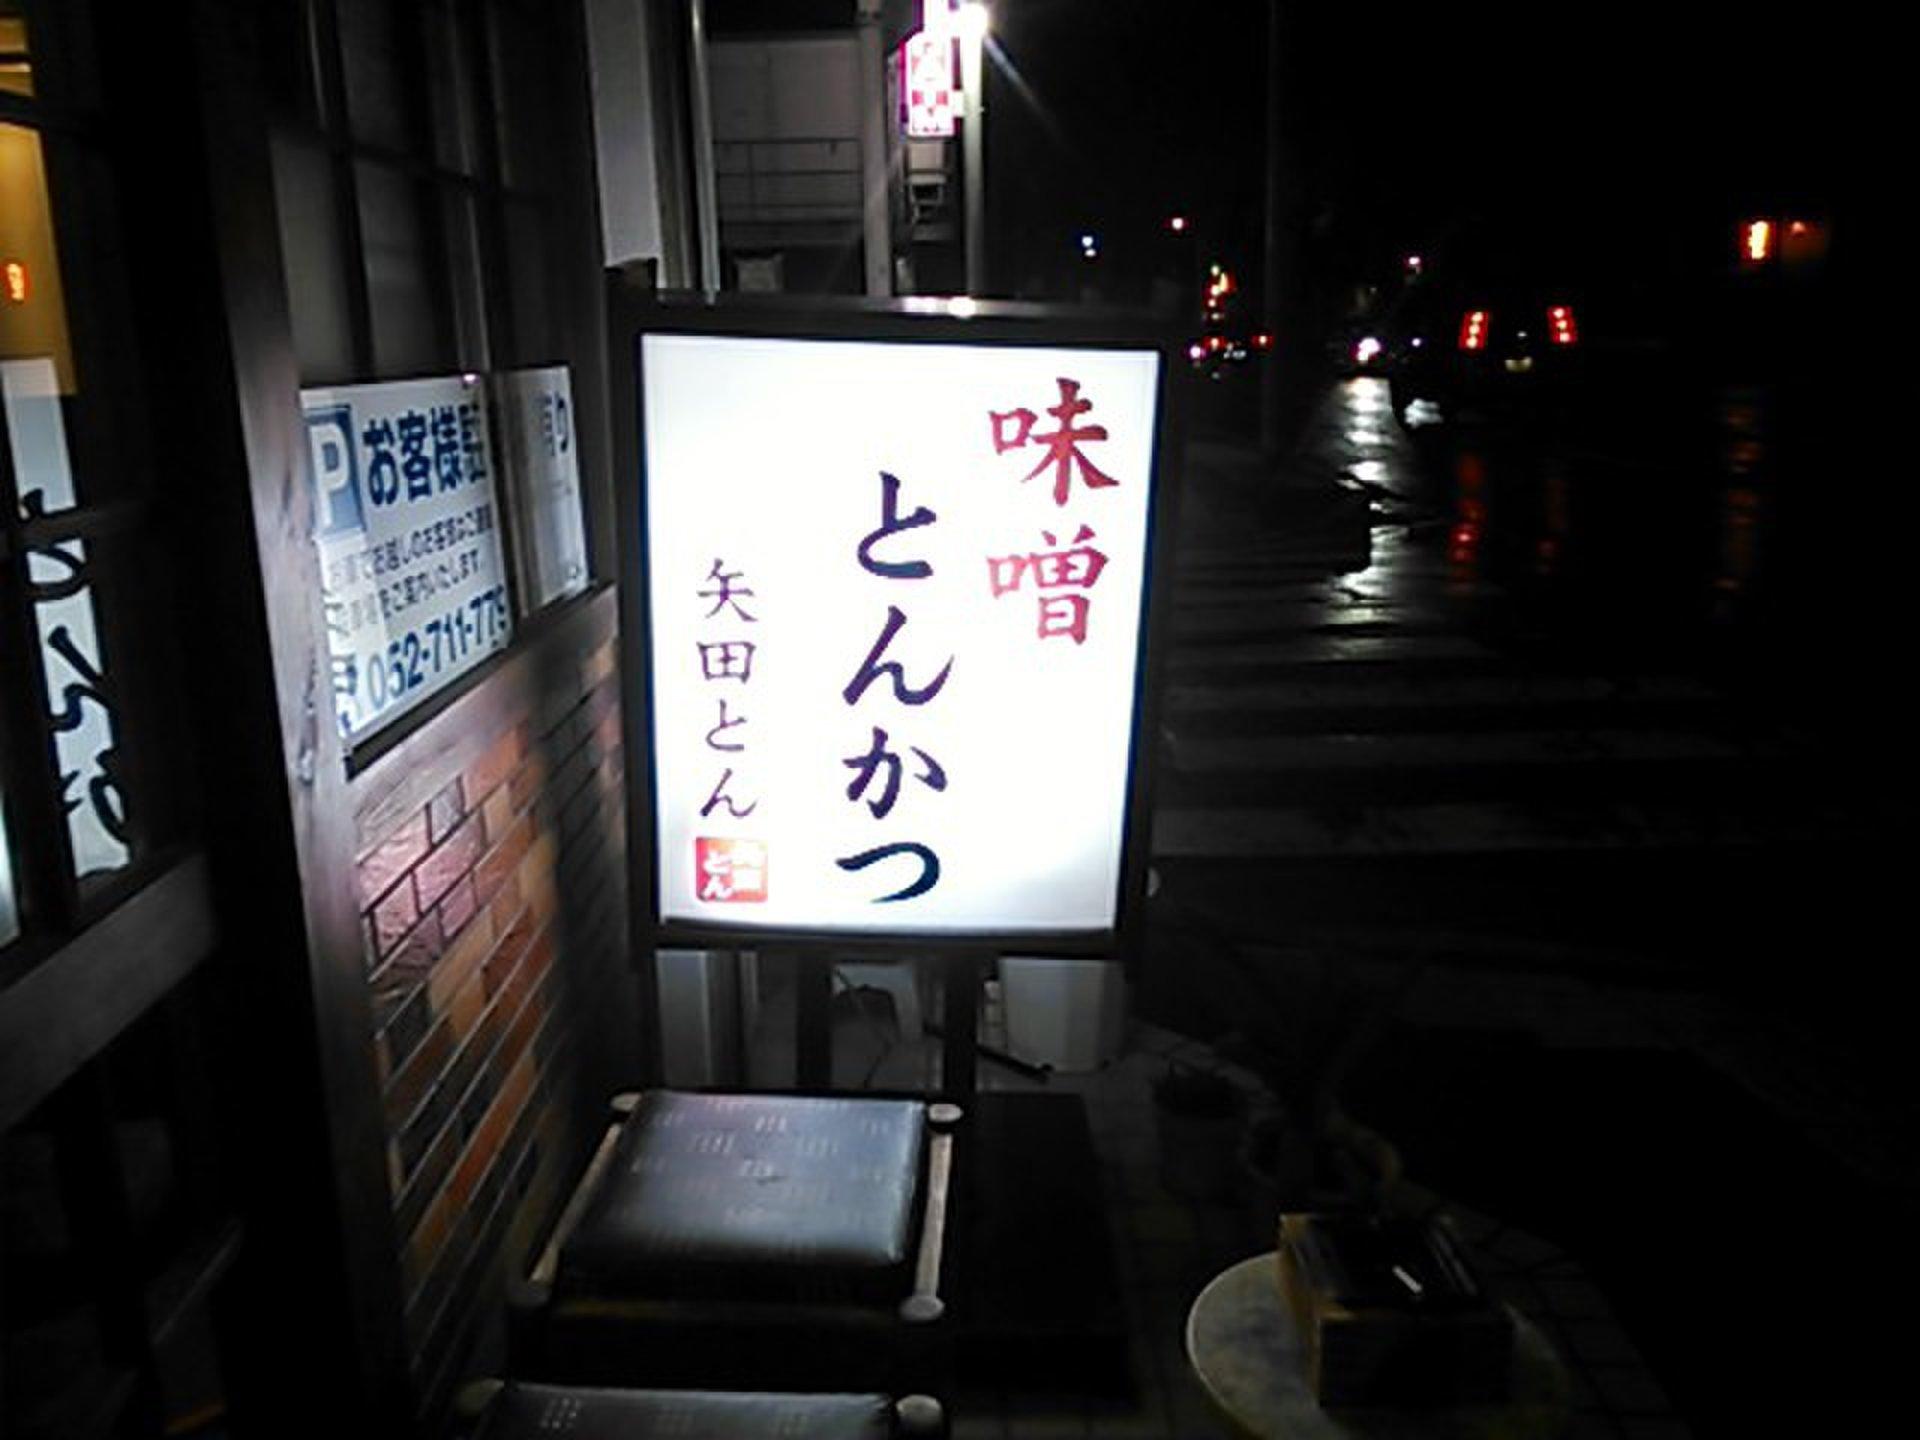 名古屋名物☆矢場トン…じゃなくて矢田トン!知っている?